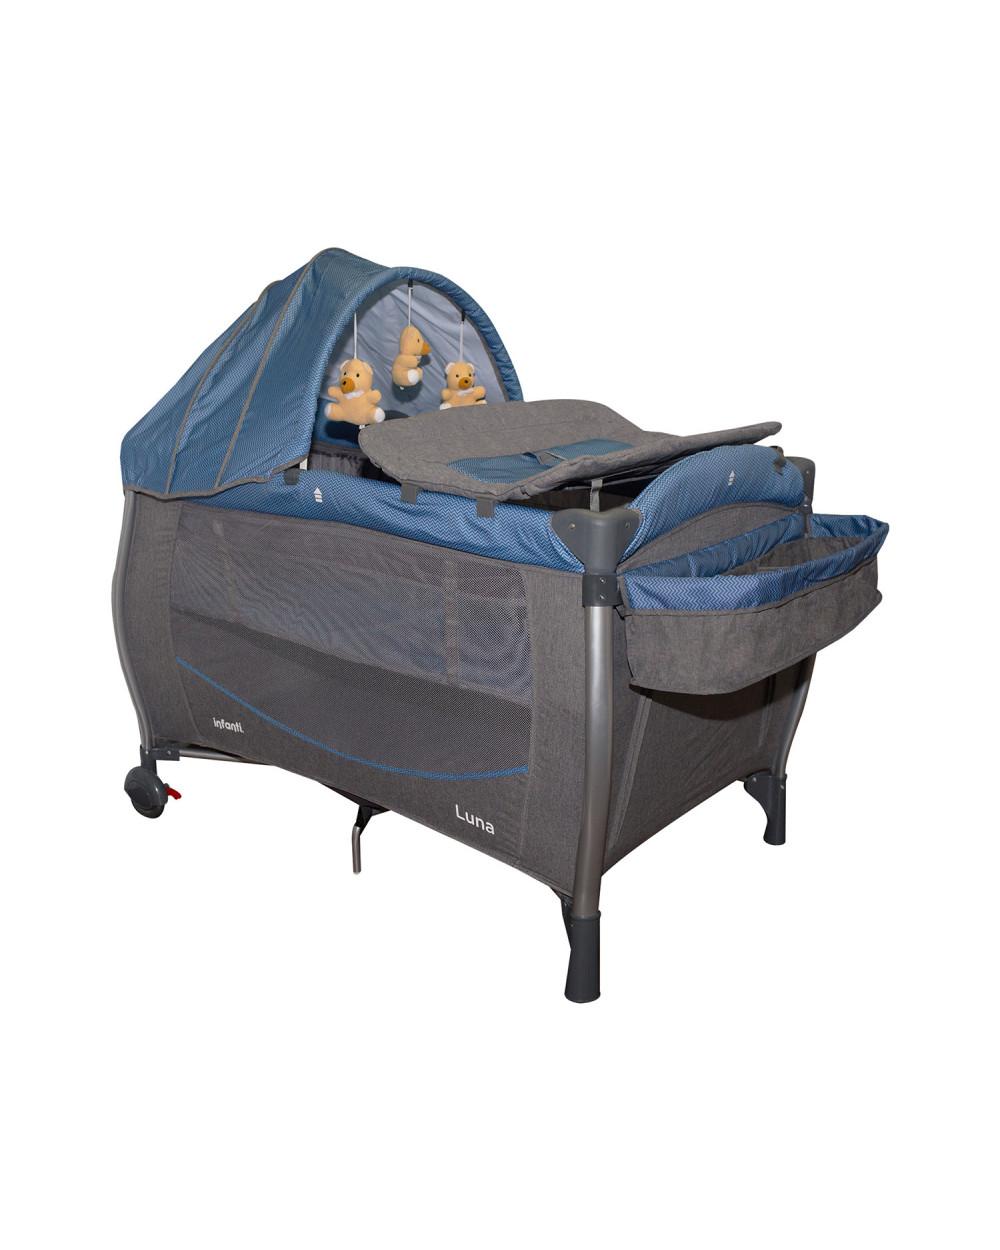 23f77f2c7 Infanti Corral Cuna Luna ZigZag Blue KDD-991